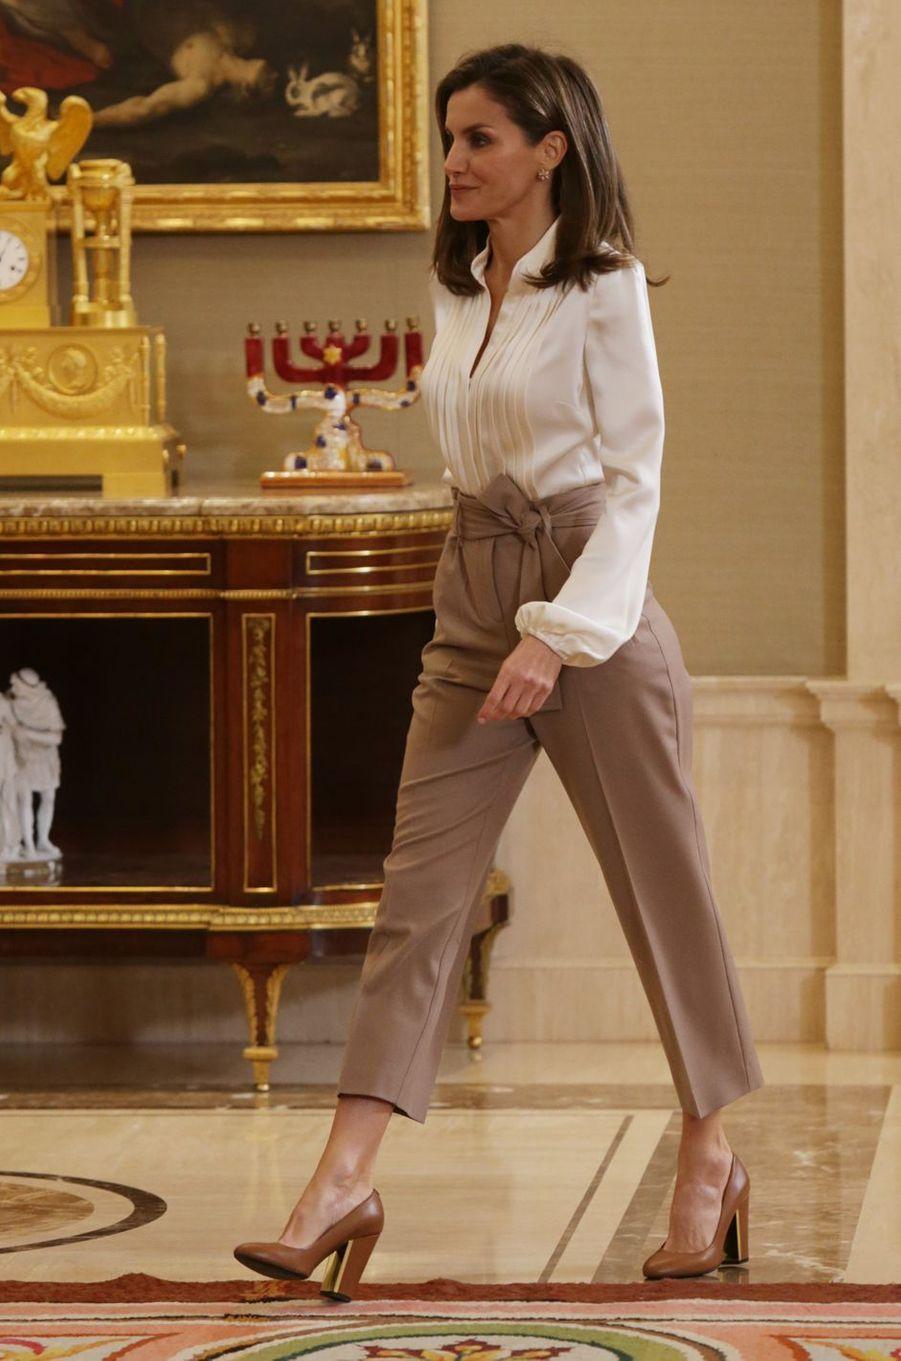 La reine Letizia d'Espagne au palais de la Zarzuela à Madrid, le 23 janvier 2018